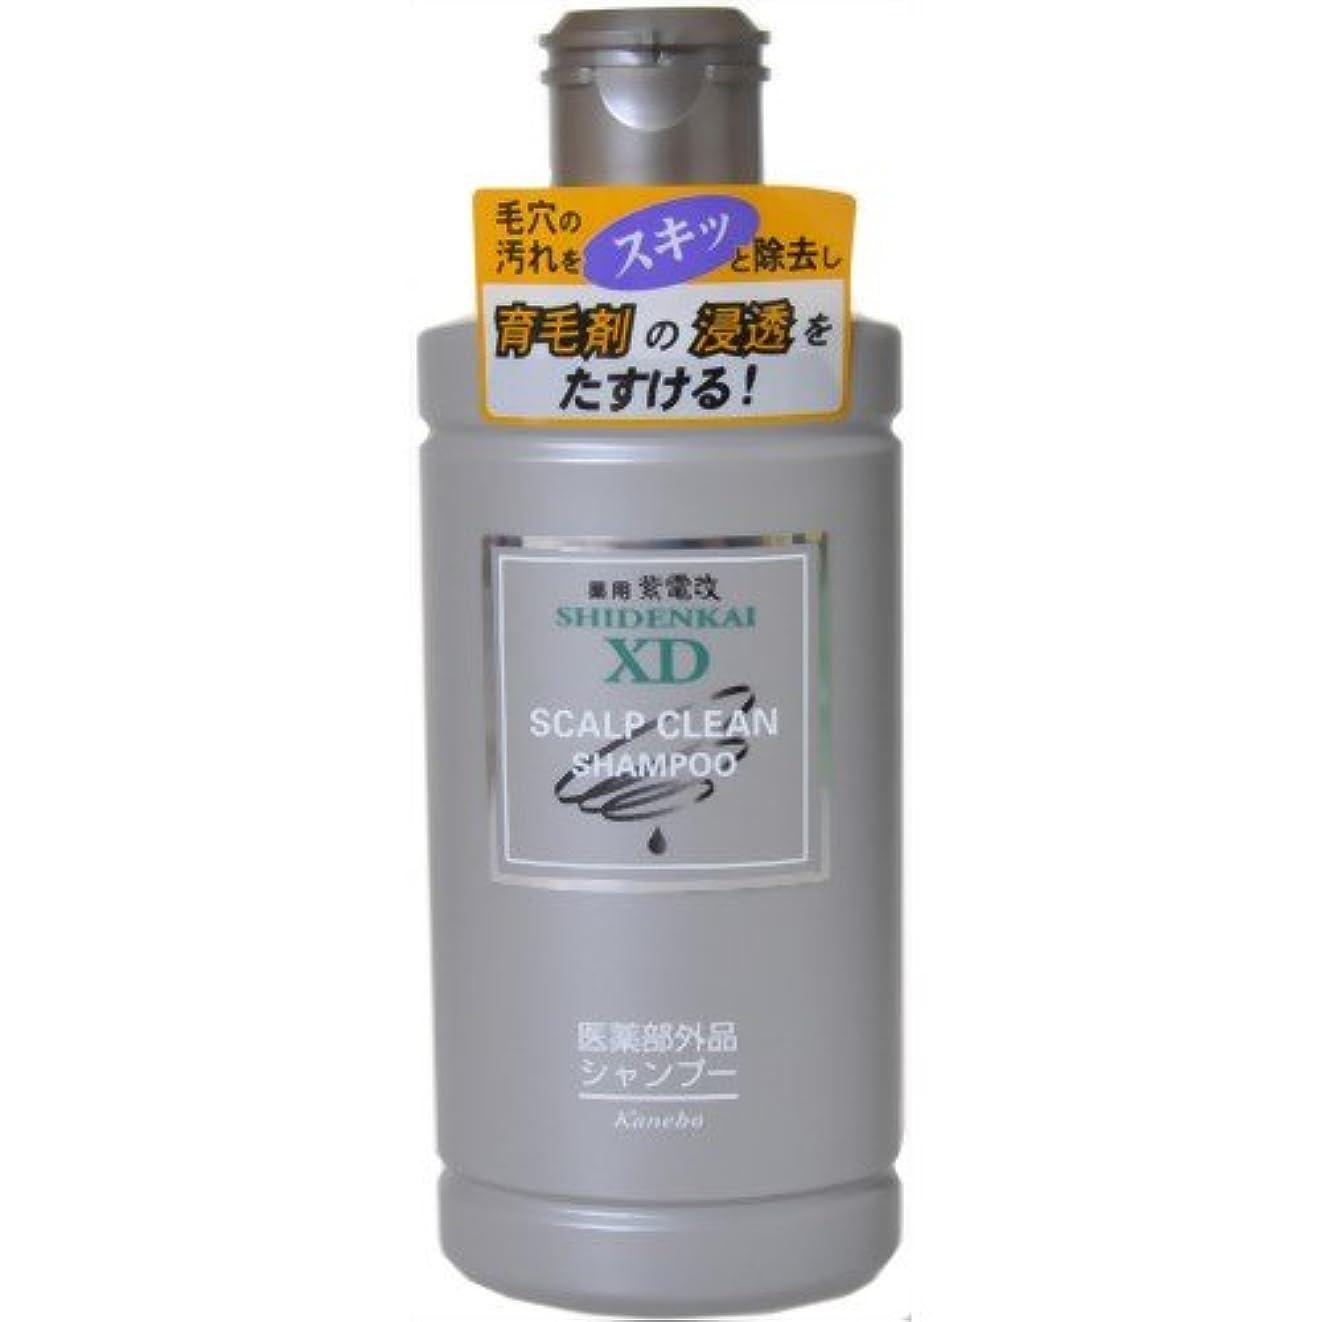 確保する専門用語騒ぎカネボウ 薬用紫電改X.Dシャンプー 250ml